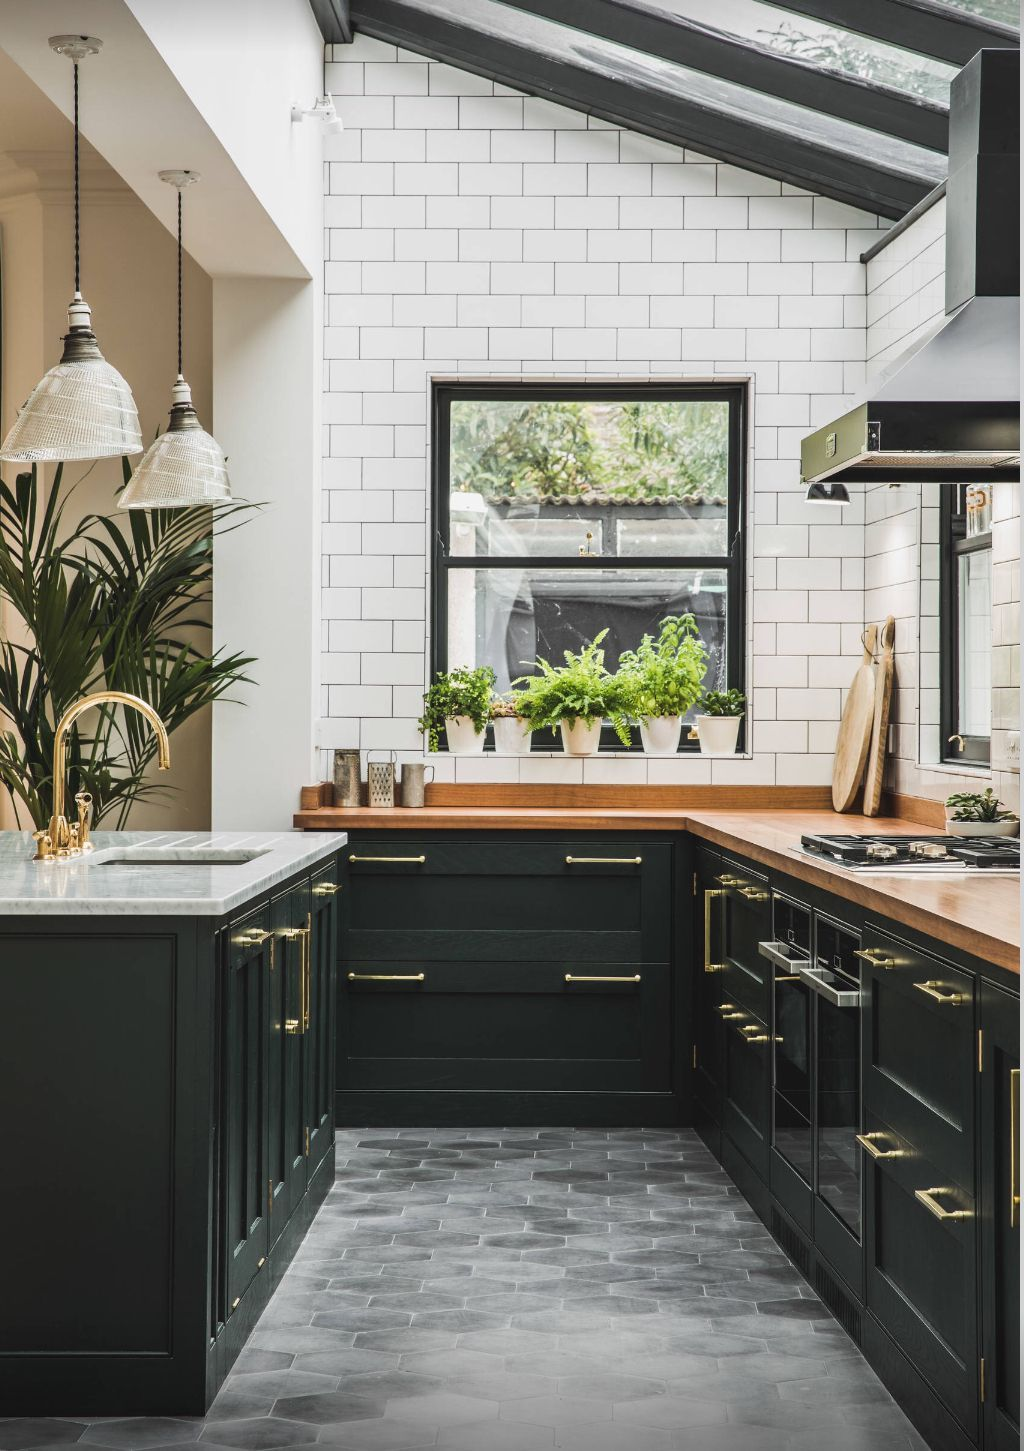 10 elegant minimalist kitchen ideas best for simple person interior design kitchen kitchen on kitchen ideas simple id=81768